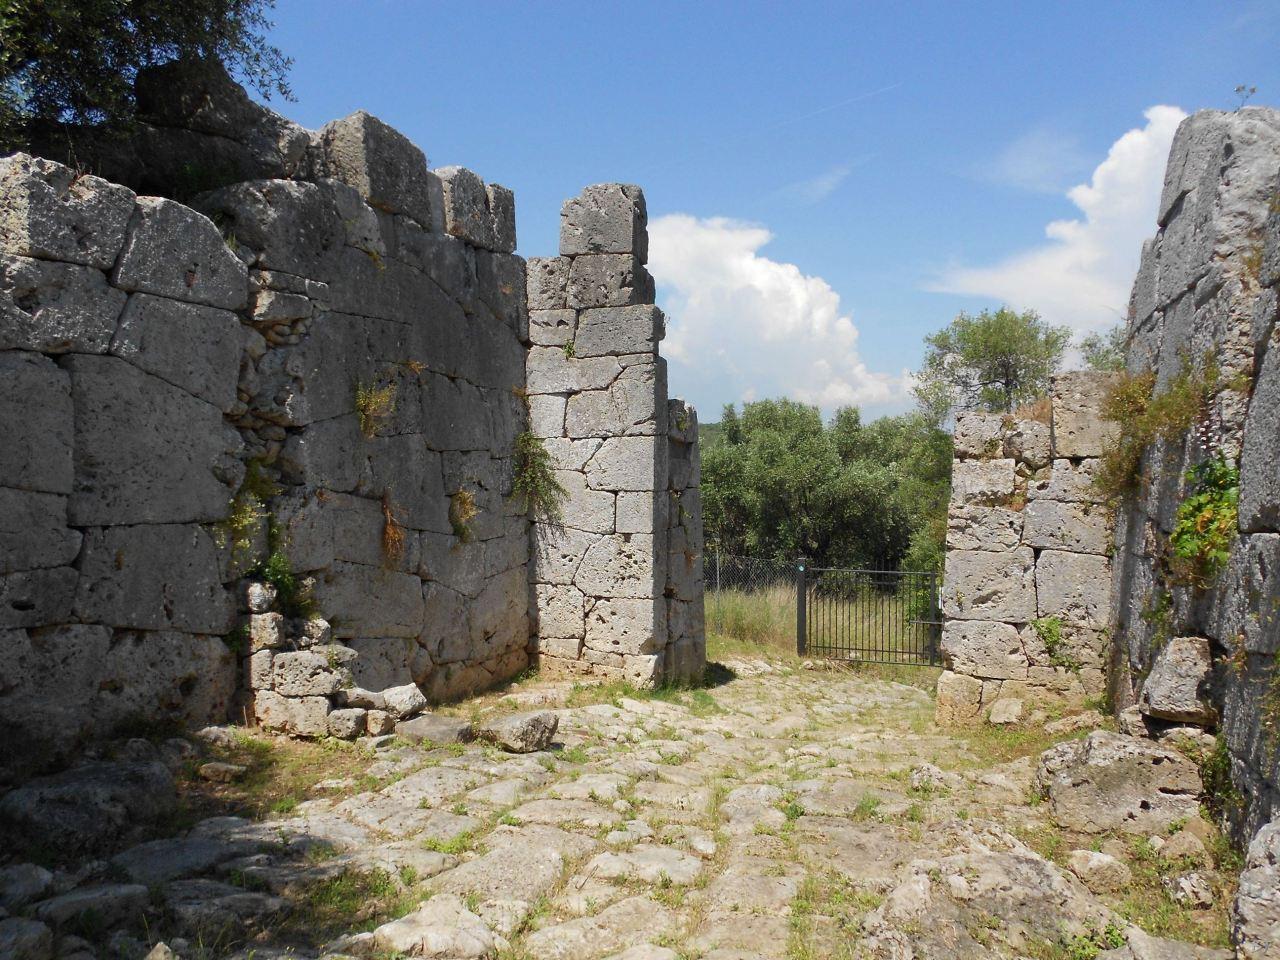 Cosa-Mura-Megalitiche-Ansedonia-Grosseto-Toscana-Italia-20